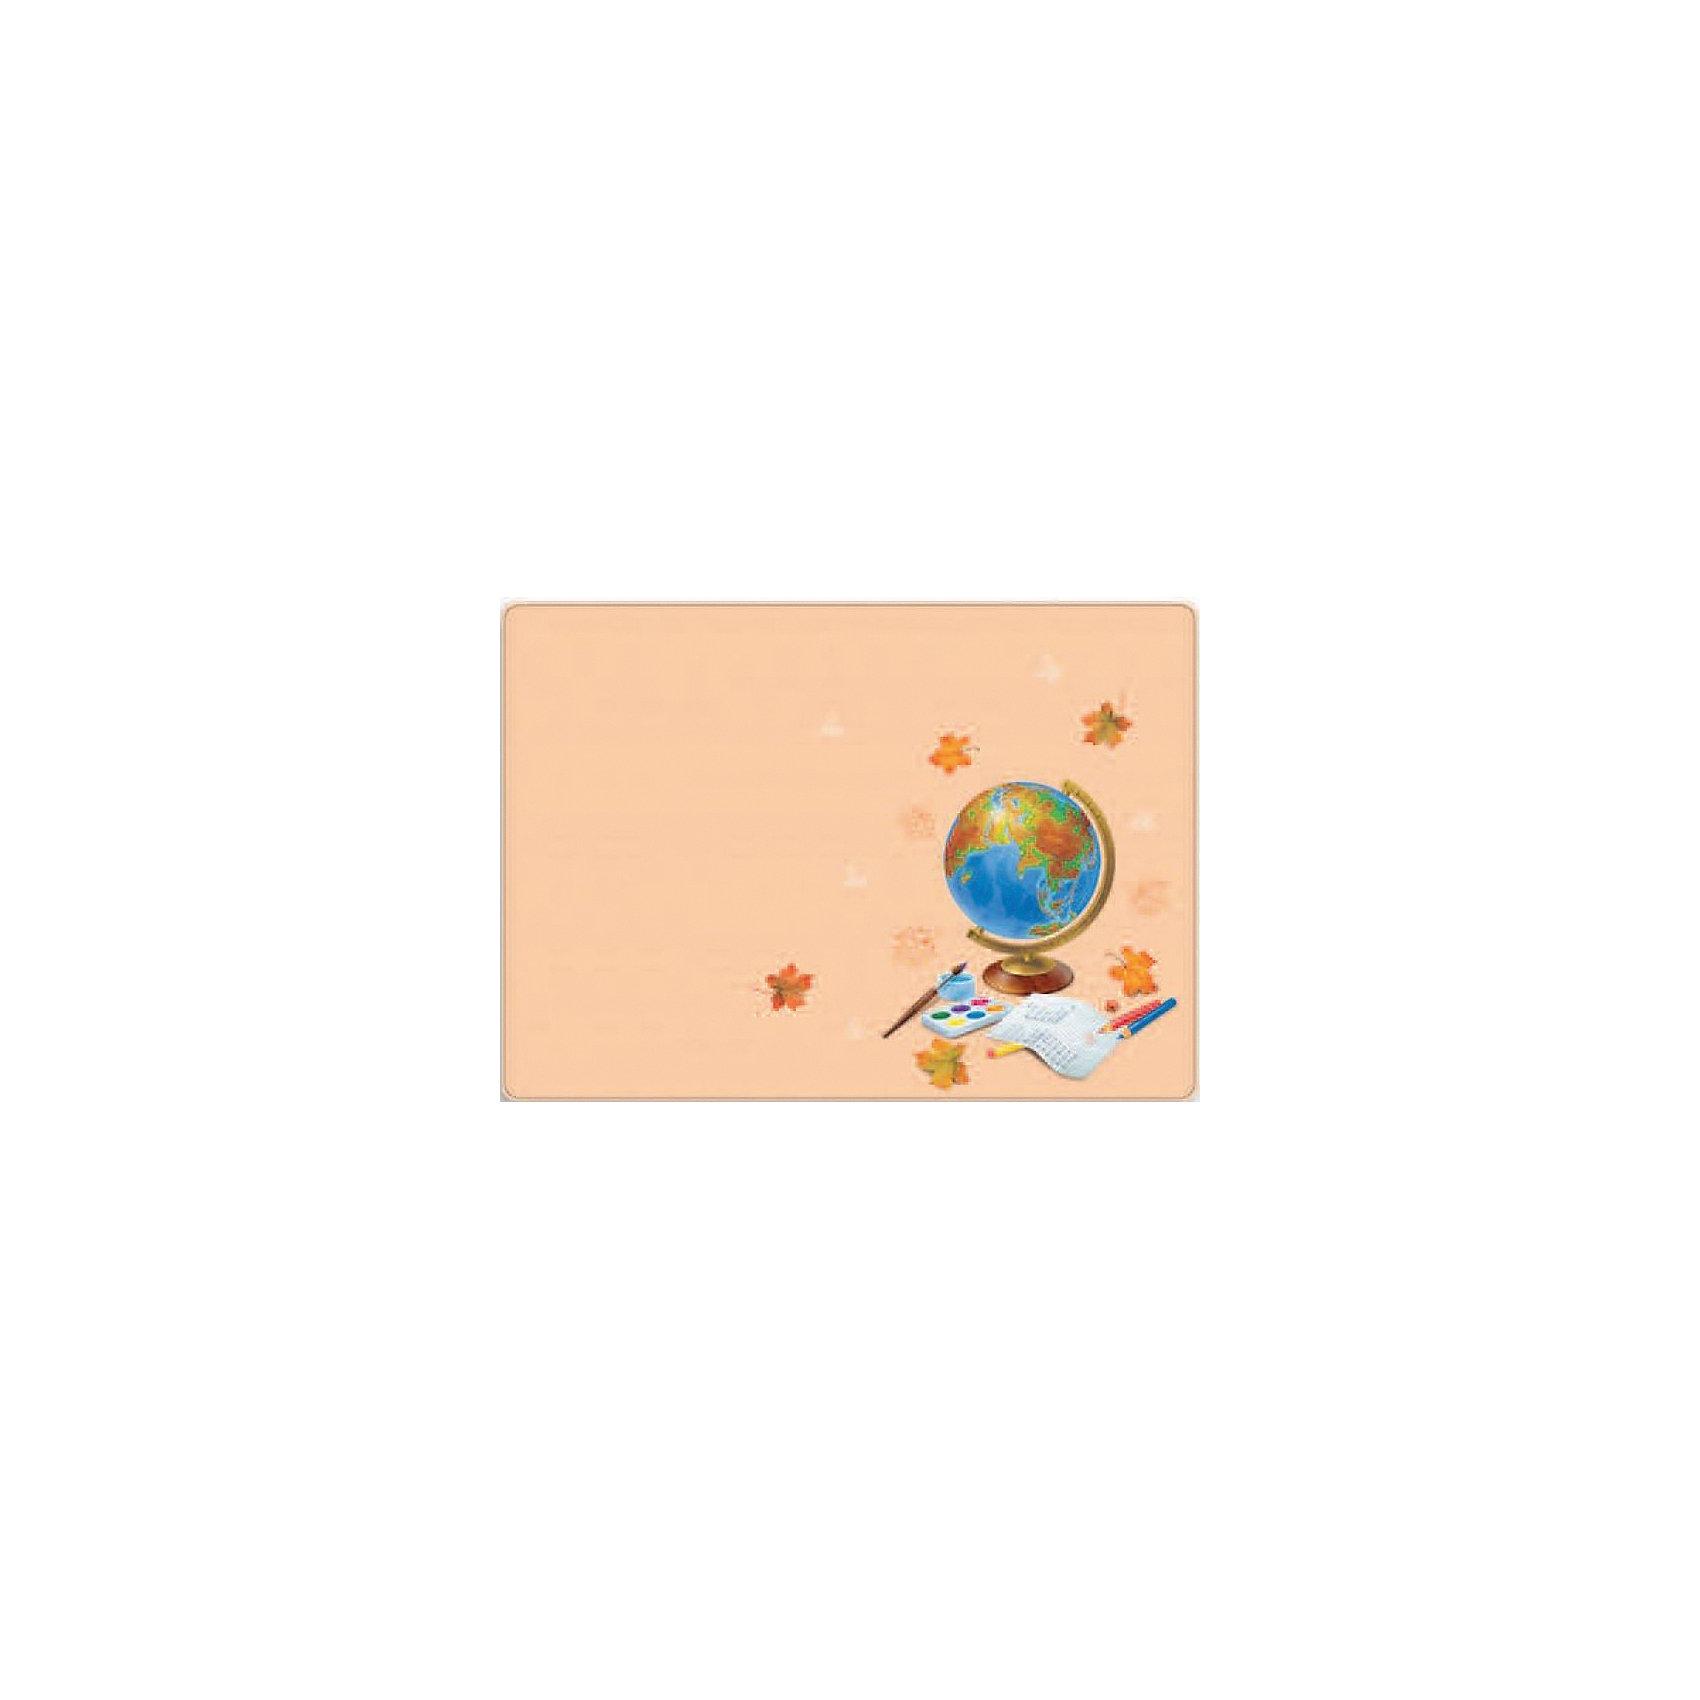 Пленка цветная для уроков труда Глобус и листьяФеникс+Рисование и лепка<br>Пленка цв. д/уроков труда ГЛОБУС И ЛИСТЬЯ (50х70см, ПВХ, ПЭТ с европодвесом)<br><br>Ширина мм: 350<br>Глубина мм: 260<br>Высота мм: 3<br>Вес г: 70<br>Возраст от месяцев: 72<br>Возраст до месяцев: 2147483647<br>Пол: Унисекс<br>Возраст: Детский<br>SKU: 7046375